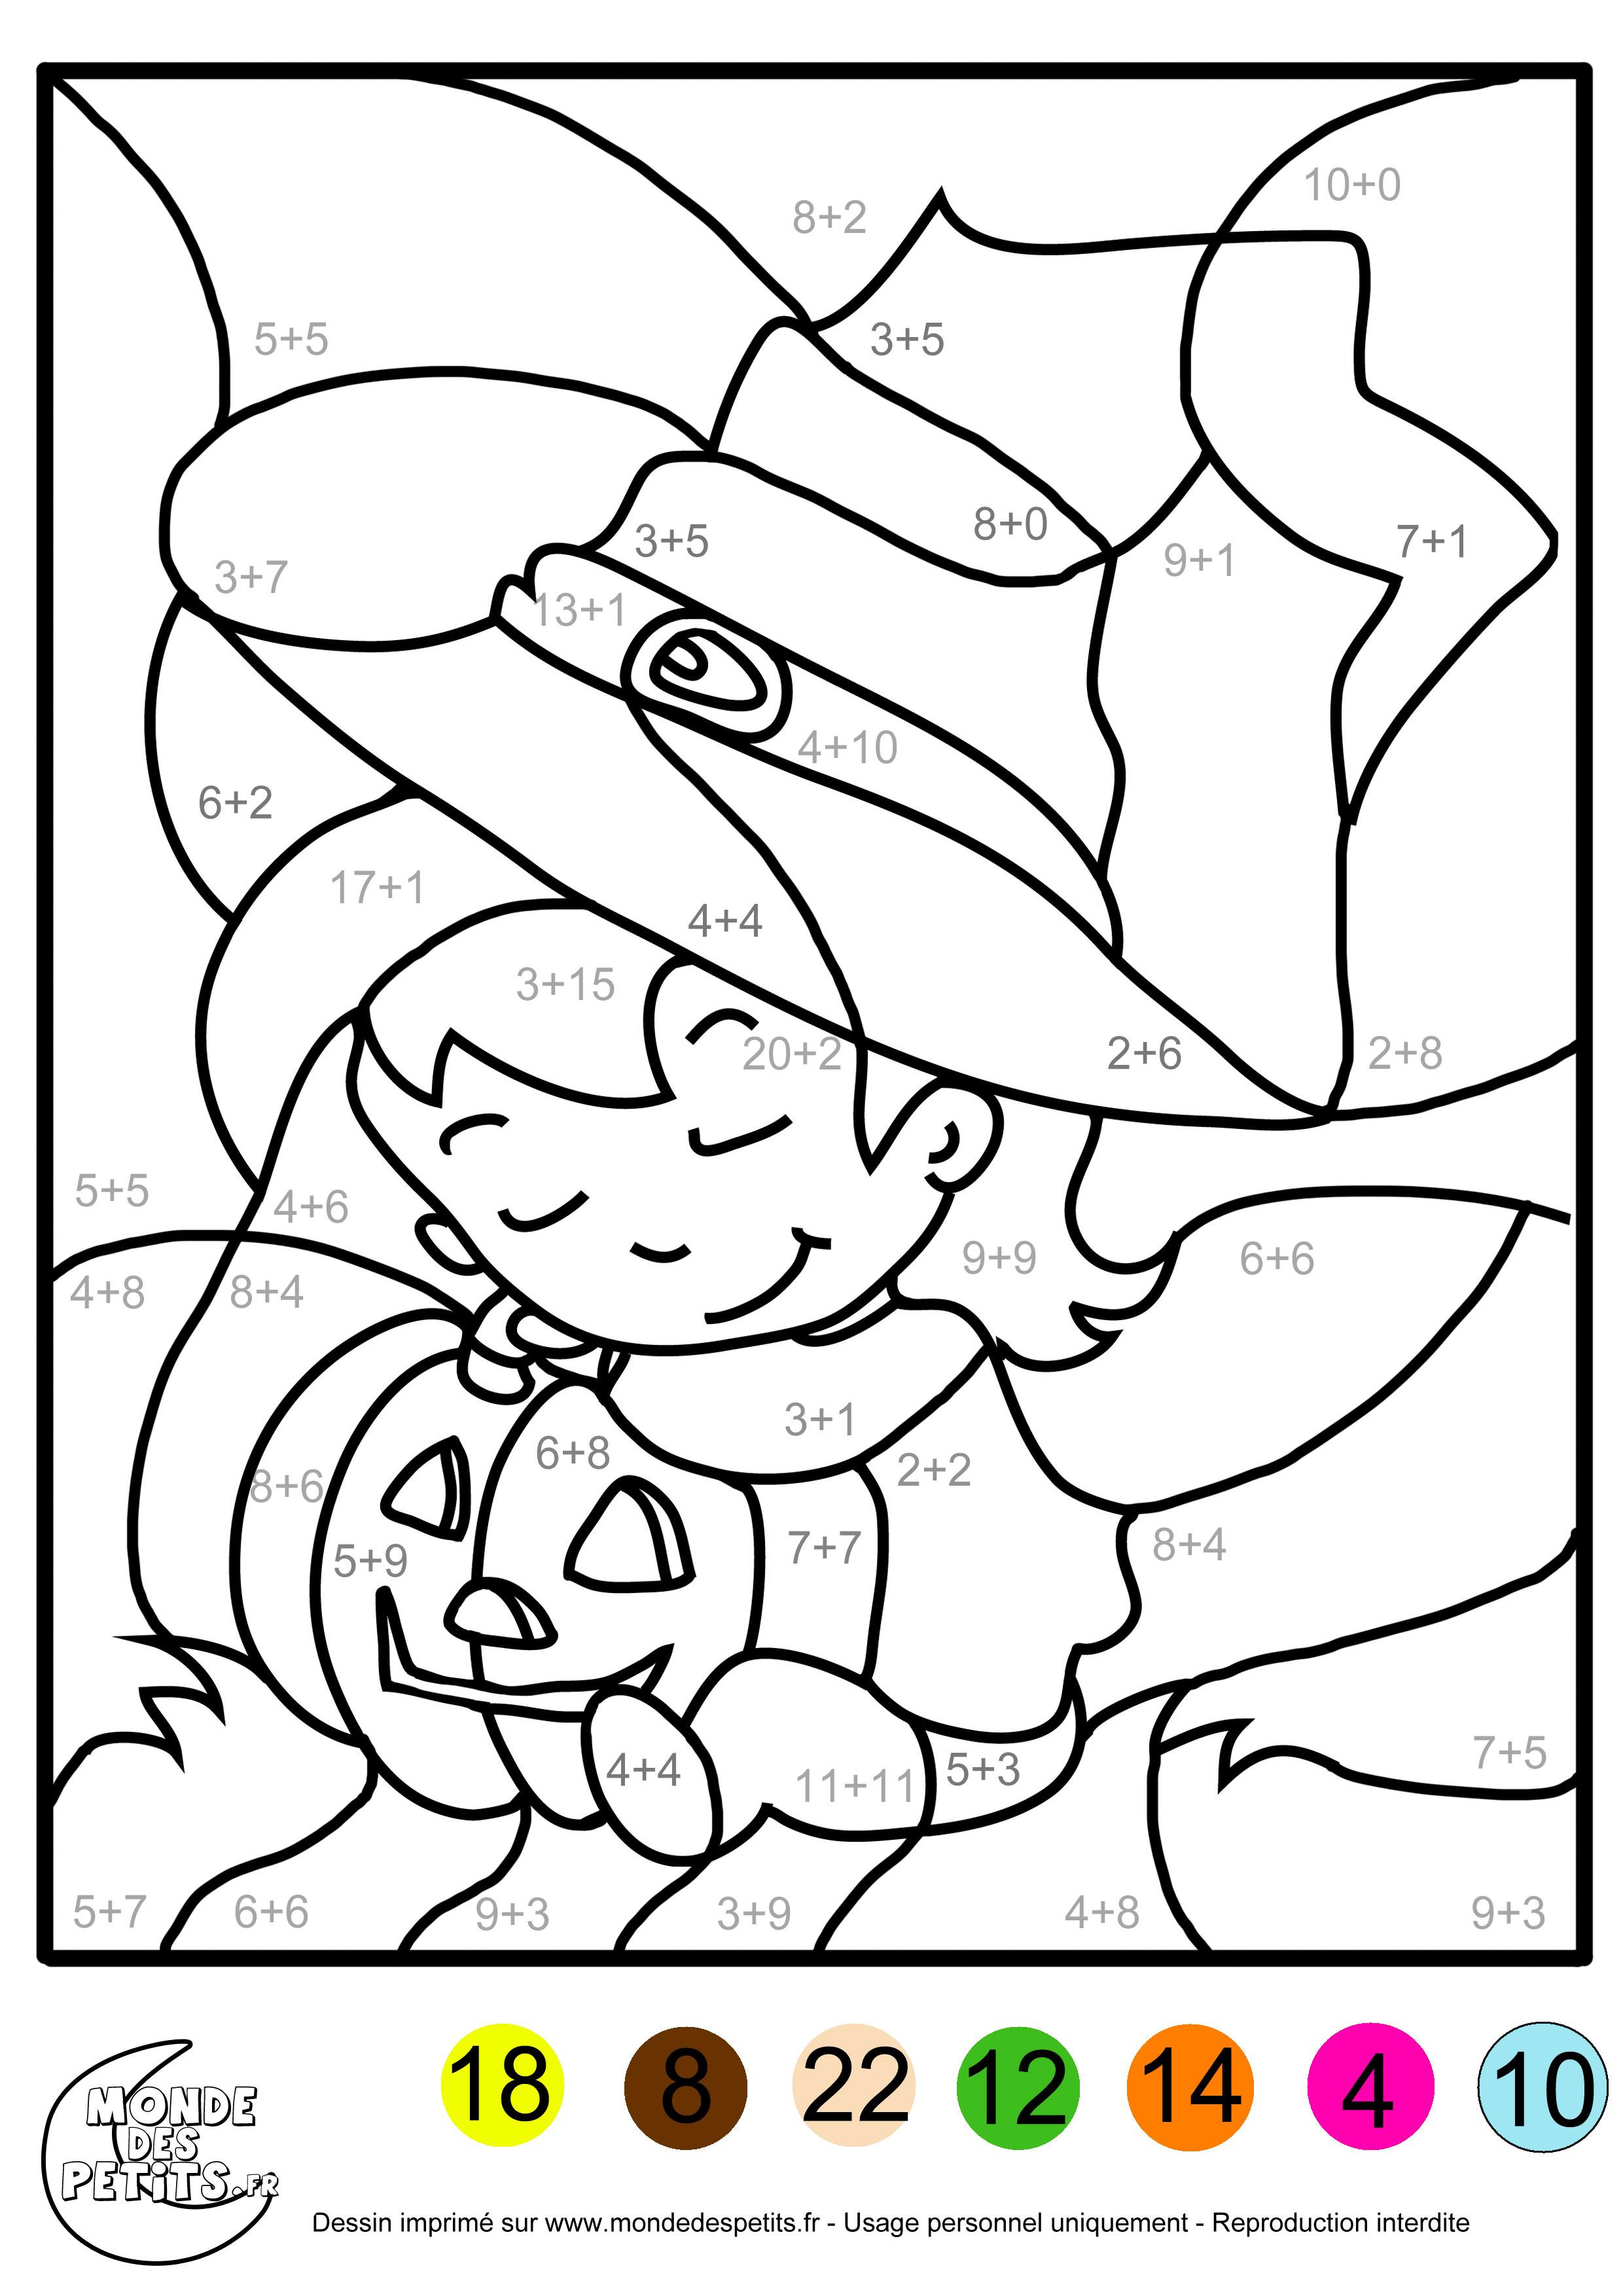 Très Monde des petits - Coloriages à imprimer VO73